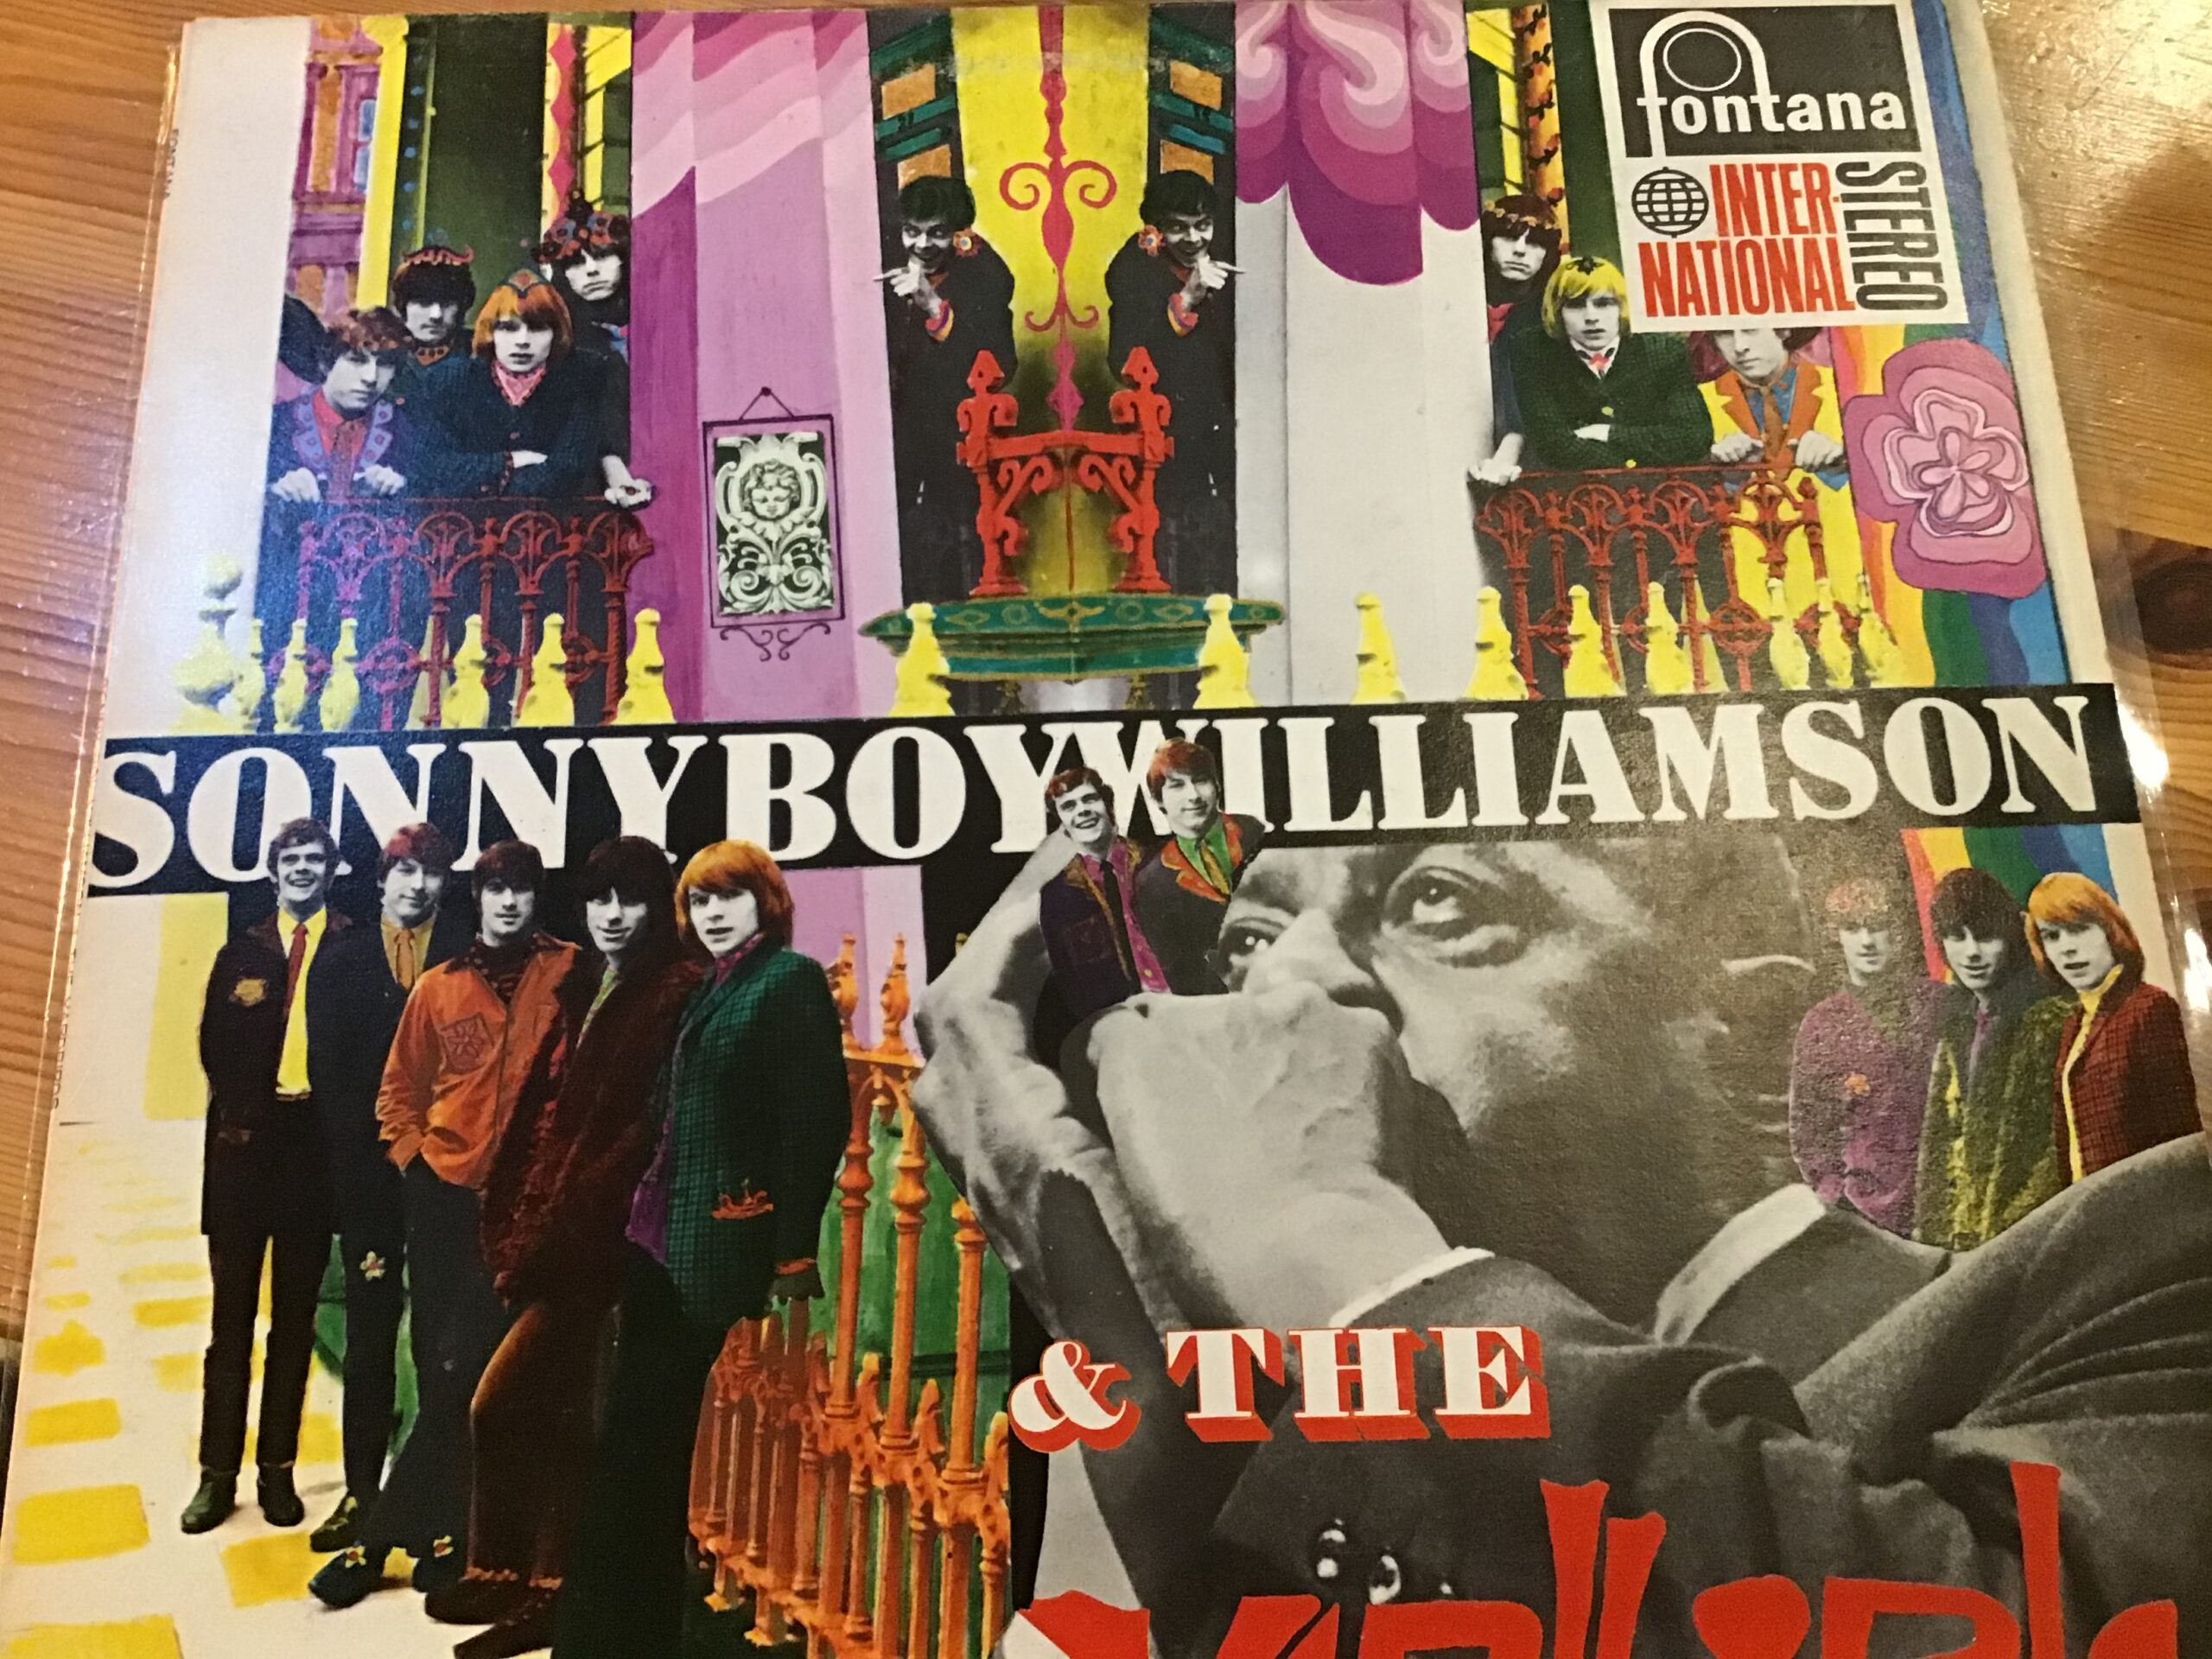 SonnyBoy Williamson